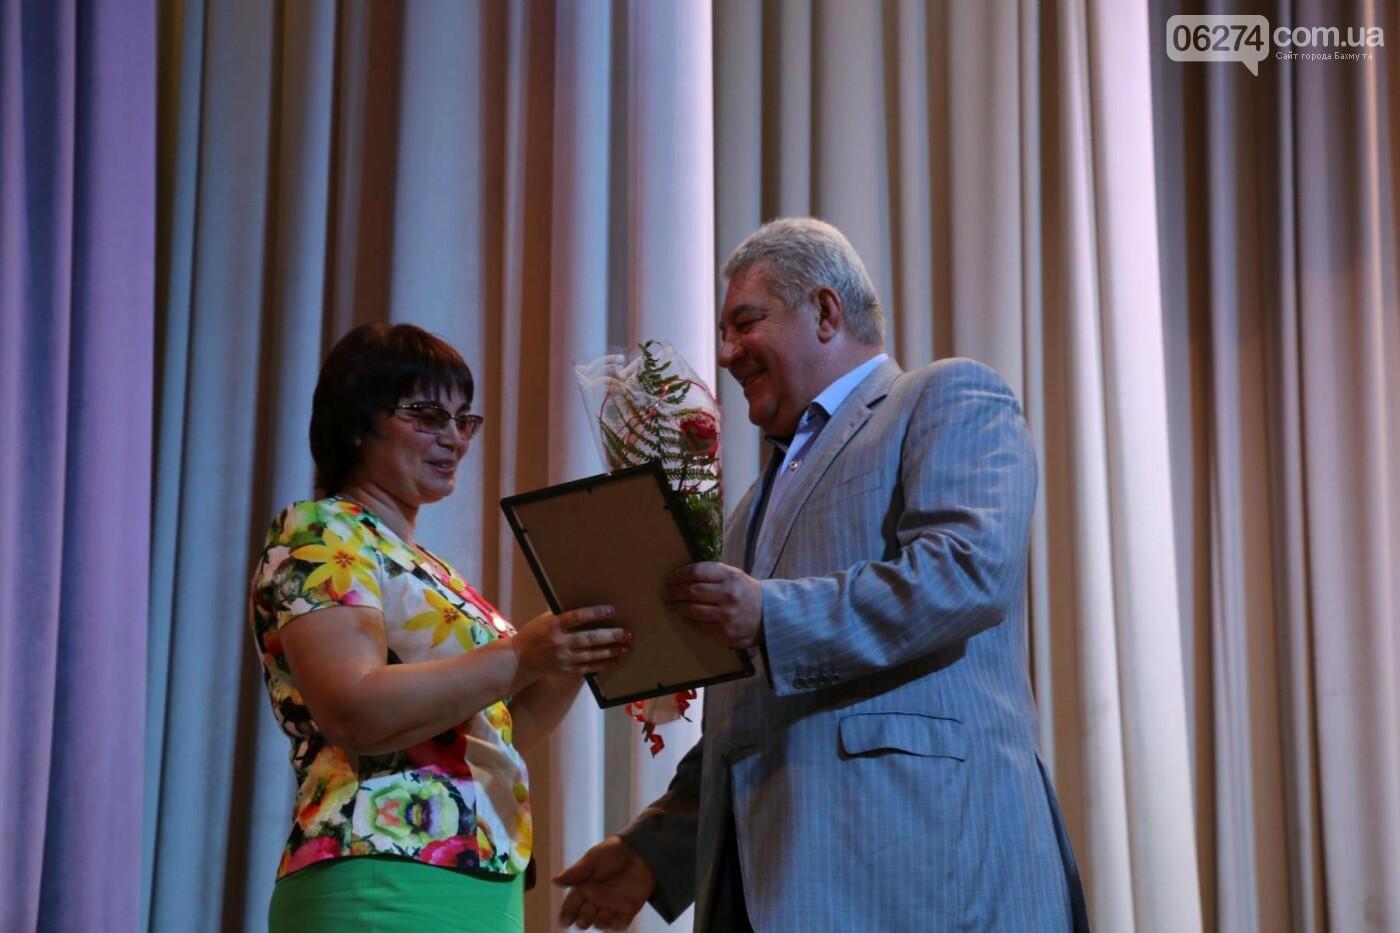 В Бахмуте состоялась августовская педагогическая конференция «Нова українська школа: освіта для життя», фото-19